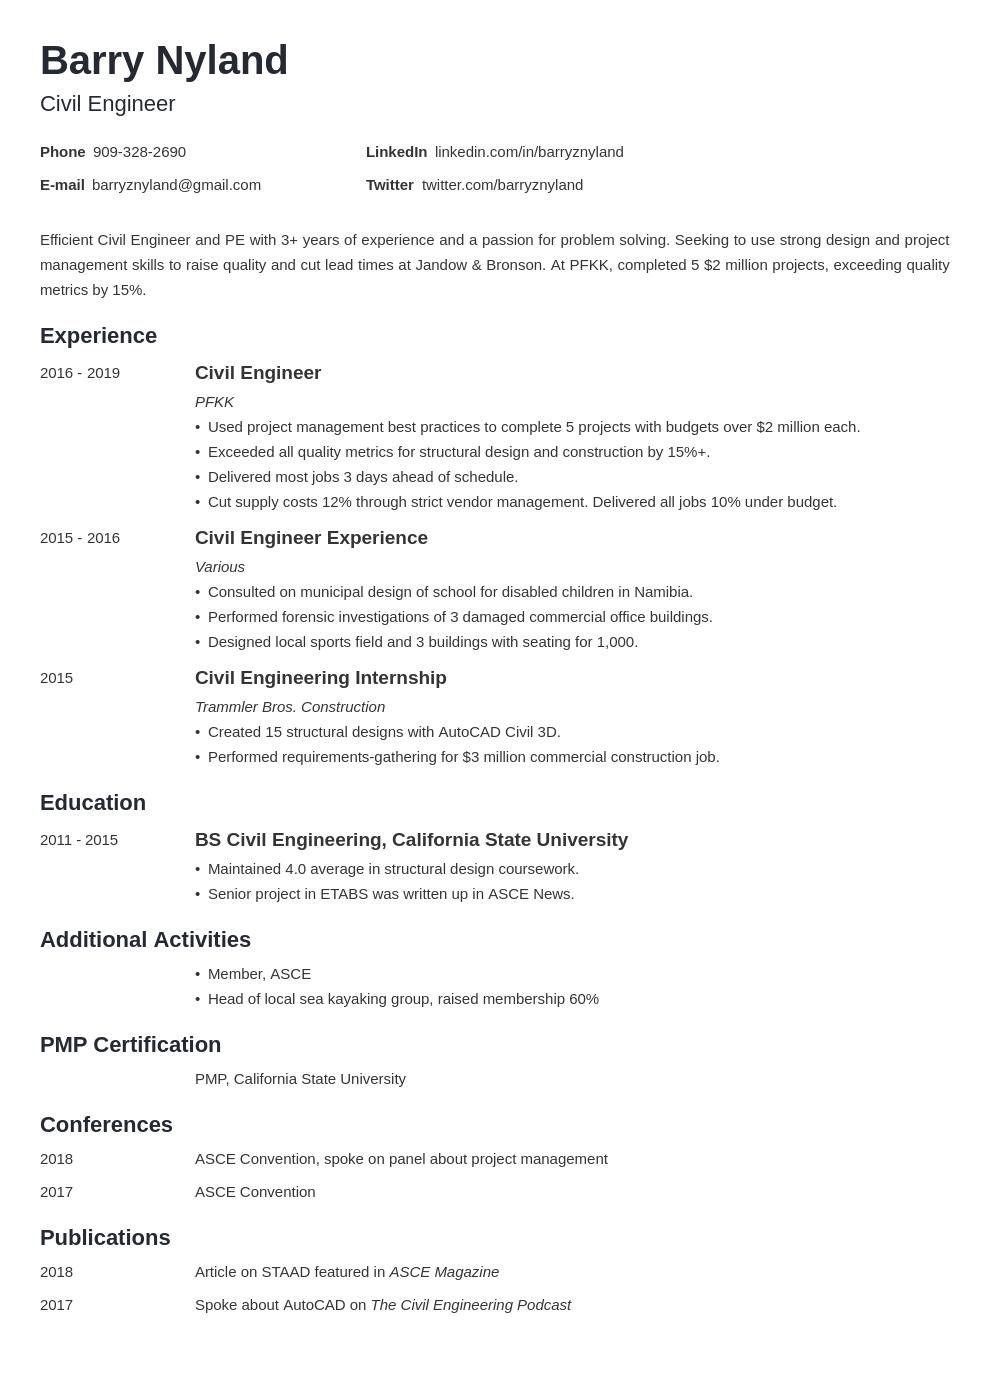 civil engineer template minimo uk